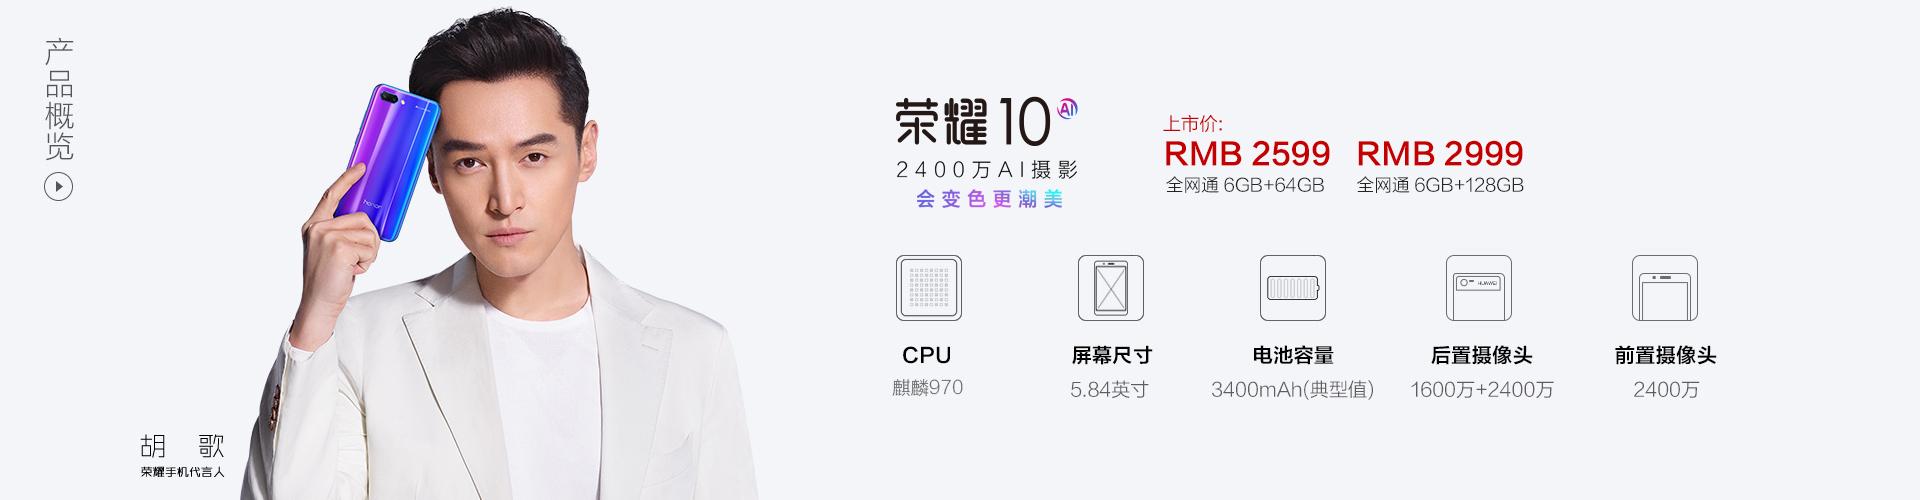 荣耀10详情.jpg